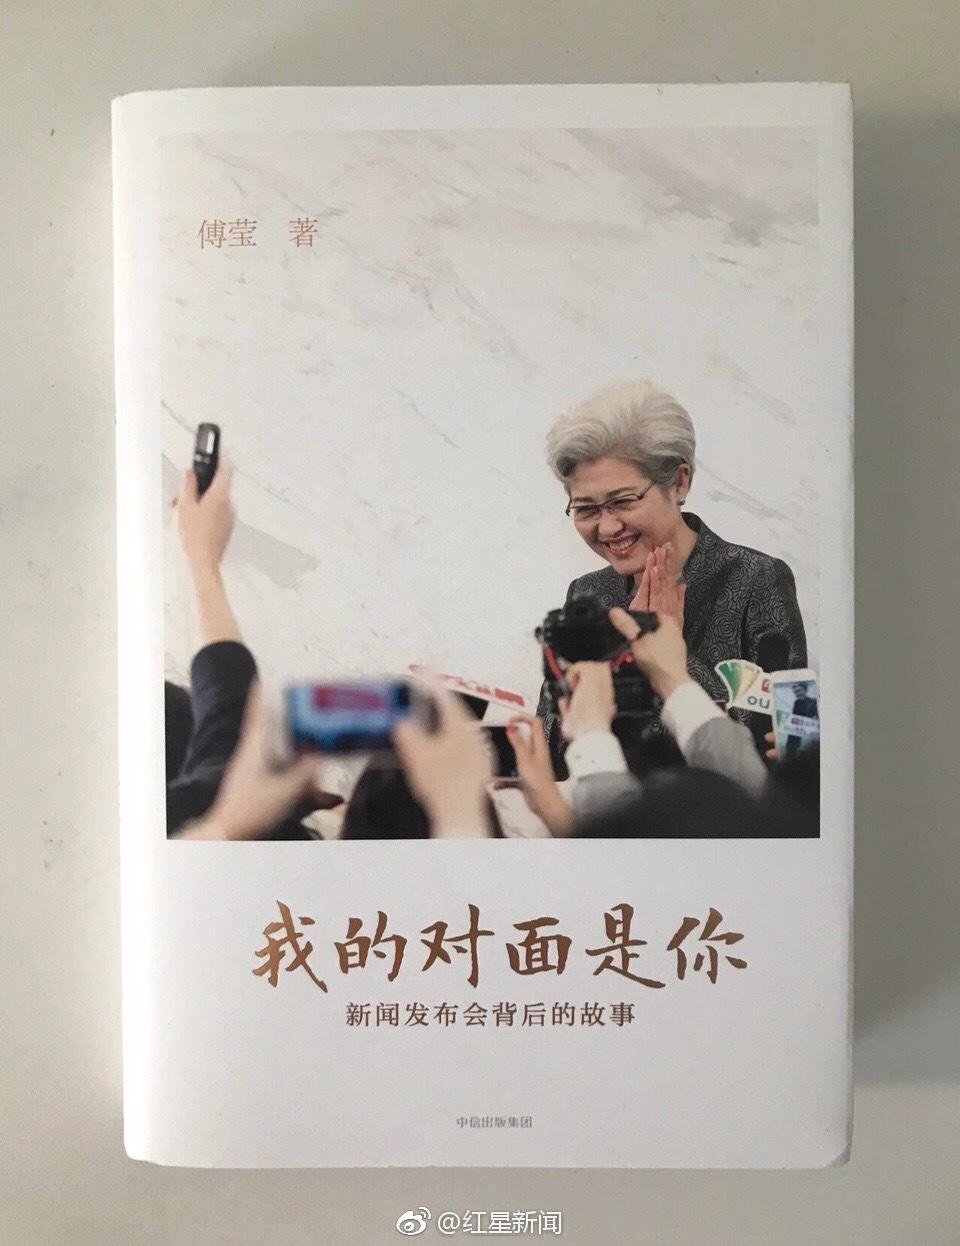 """傅莹揭秘人大发言人如何炼成:提前""""押题"""" 对树演练"""